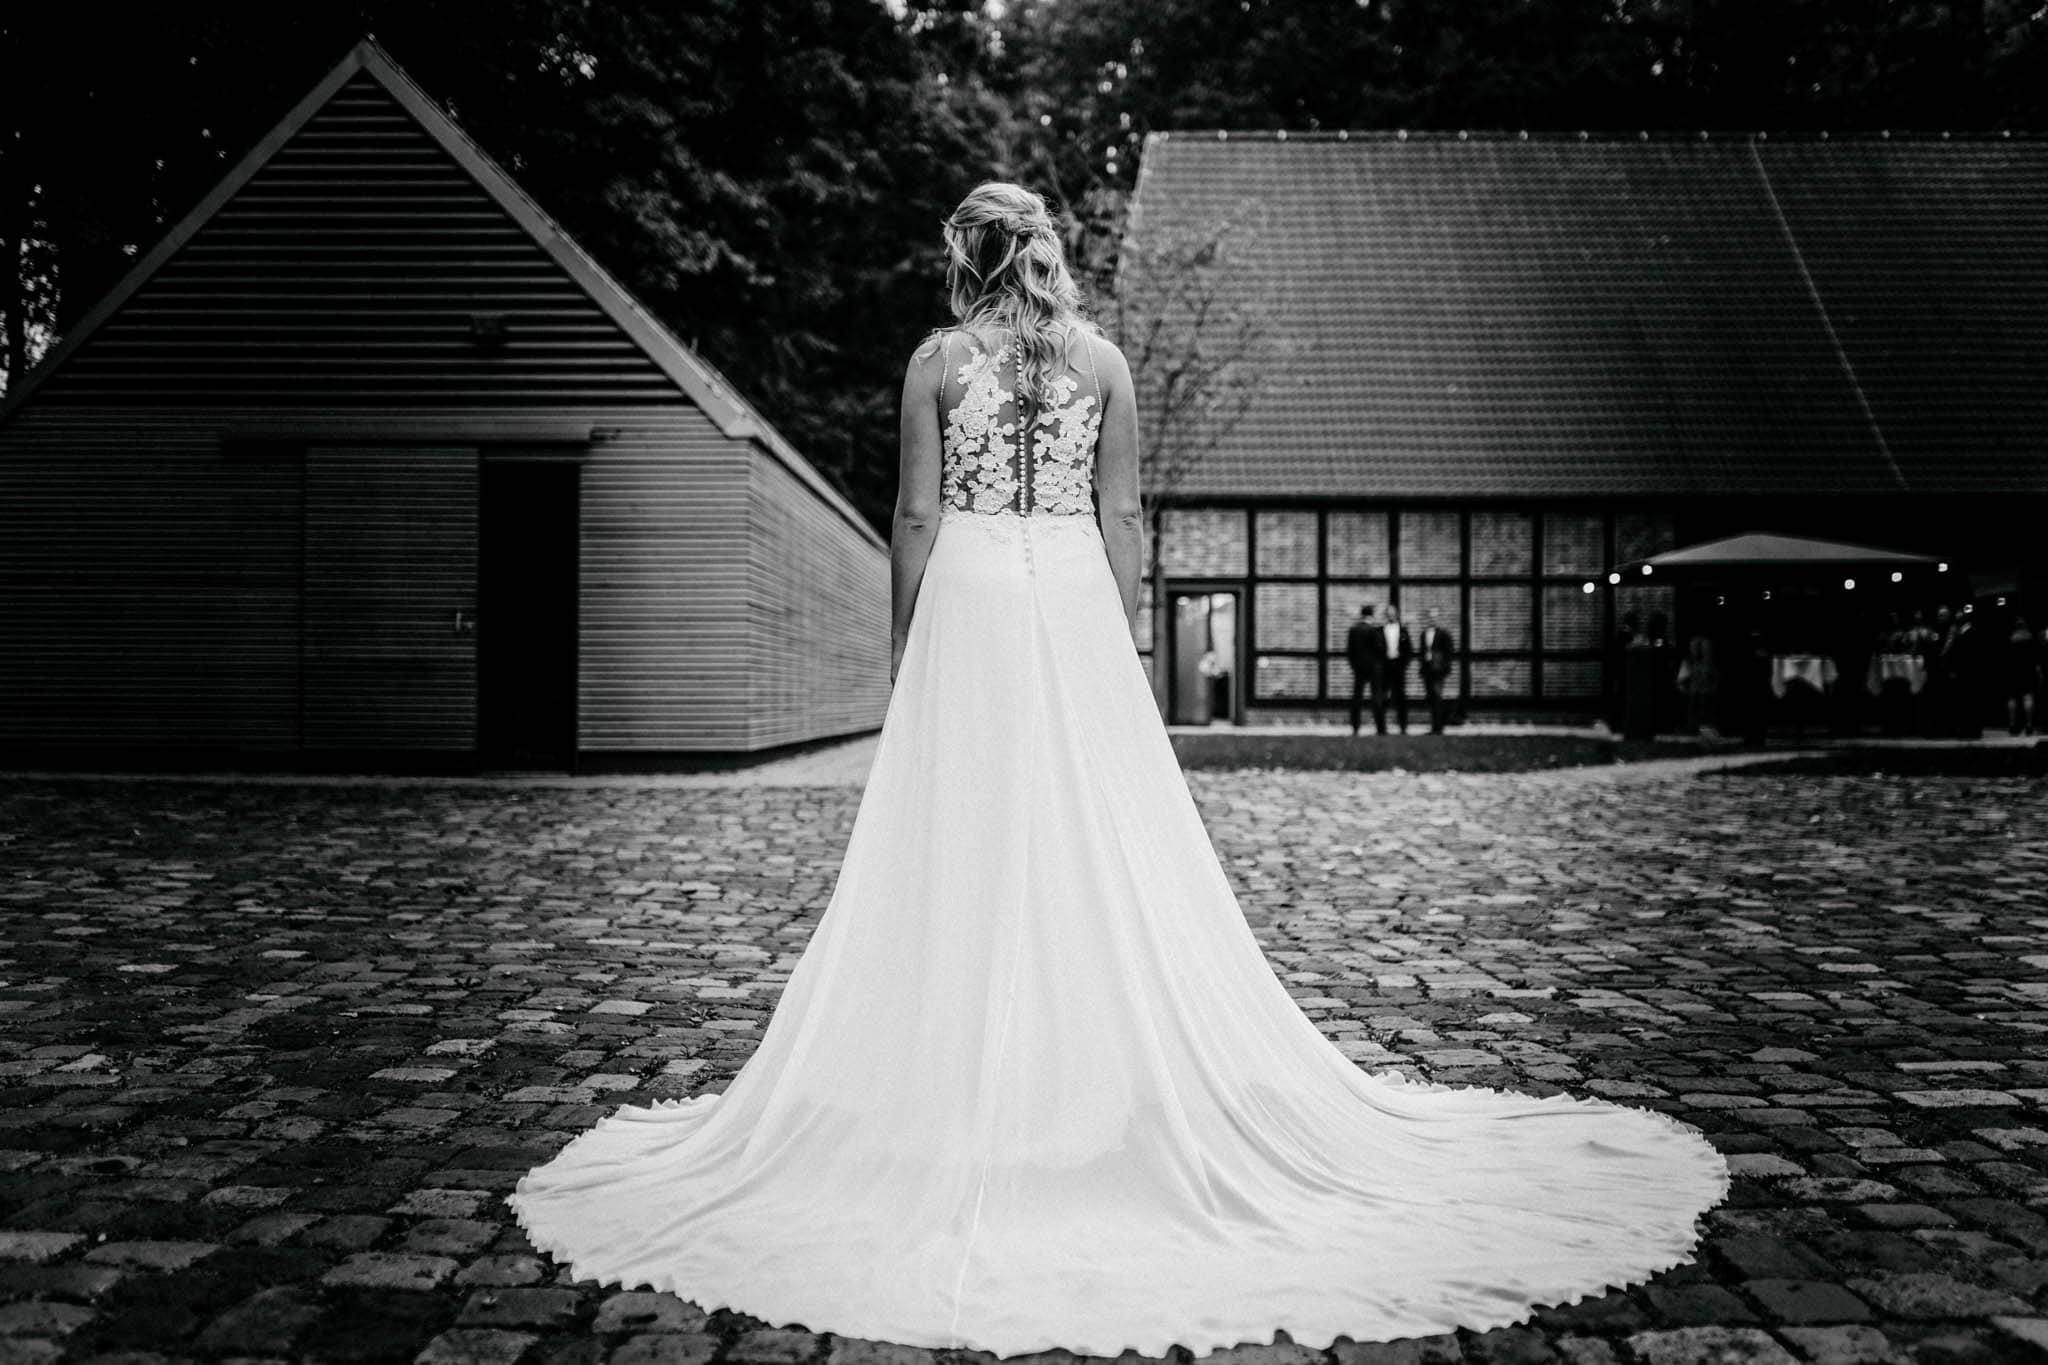 Hochzeitsfieber by Photo-Schomburg, Hochzeitsfotograf, Hamburg, Bremen, Hochzeitstag, Hochzeitspaar, Braut, Bräutigam, Bremen-Kränholm,Knoops Park-187